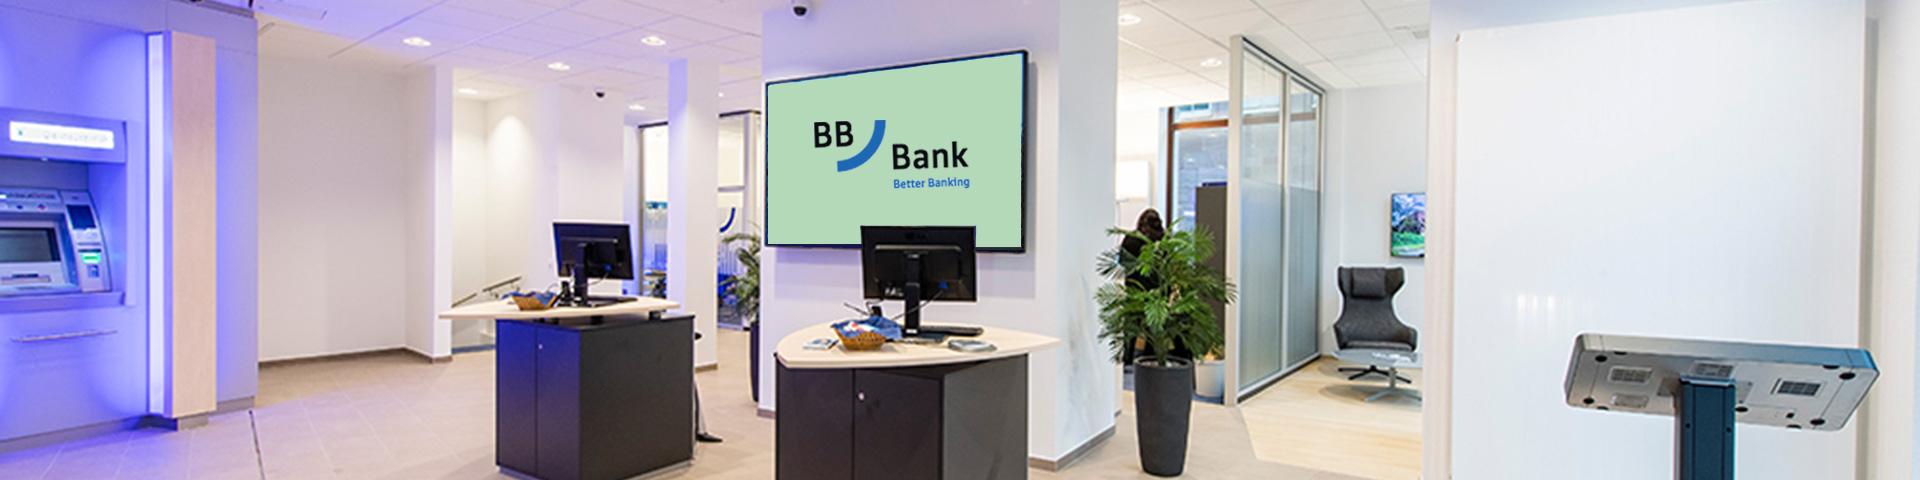 Filialien in der Übersicht: Logos und Insignien der BBBank machen die über 100 Filialen bundesweit wiedererkennbar.